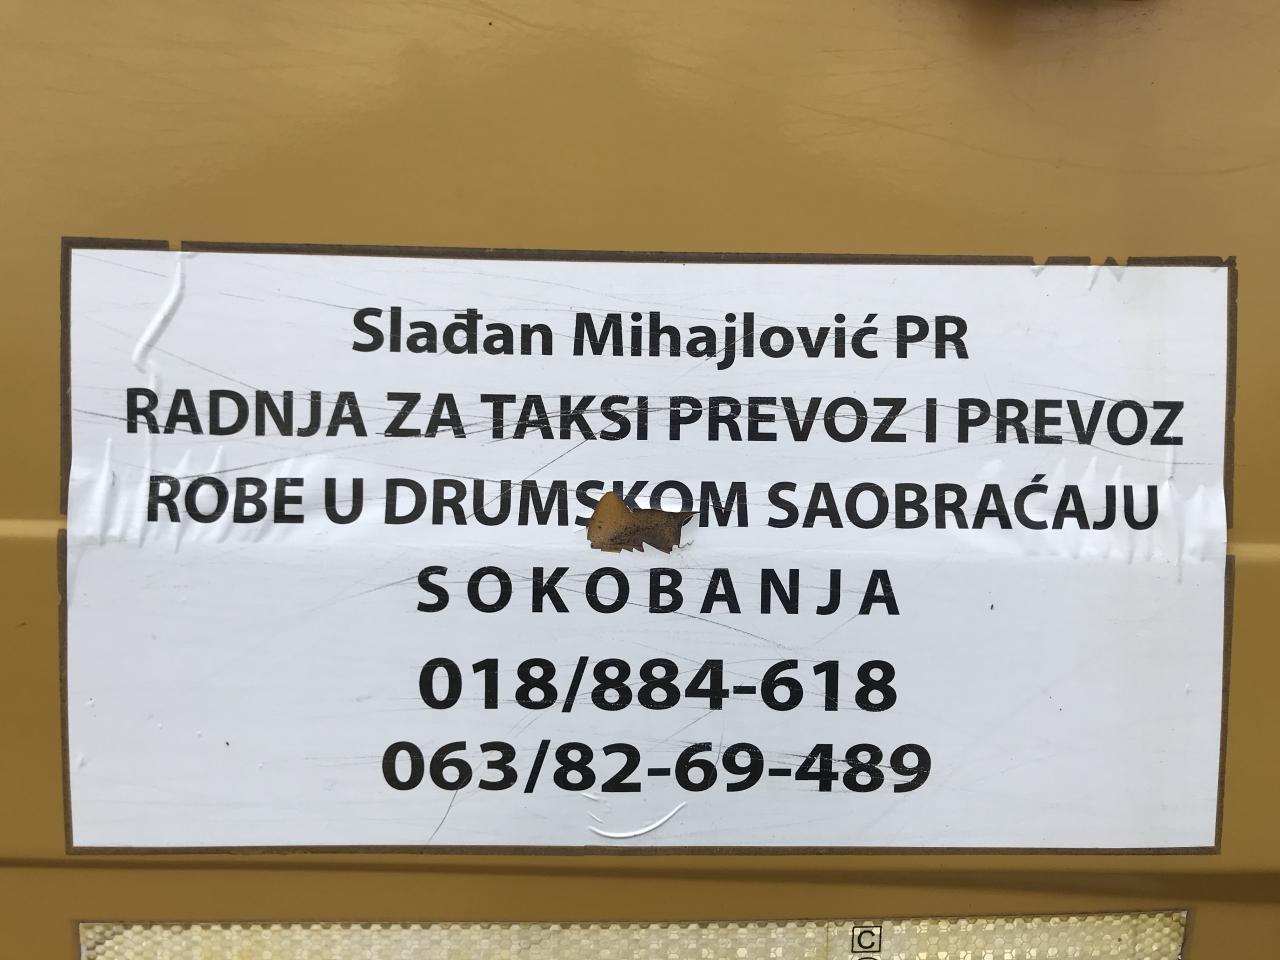 Slađan Mihajlović PR